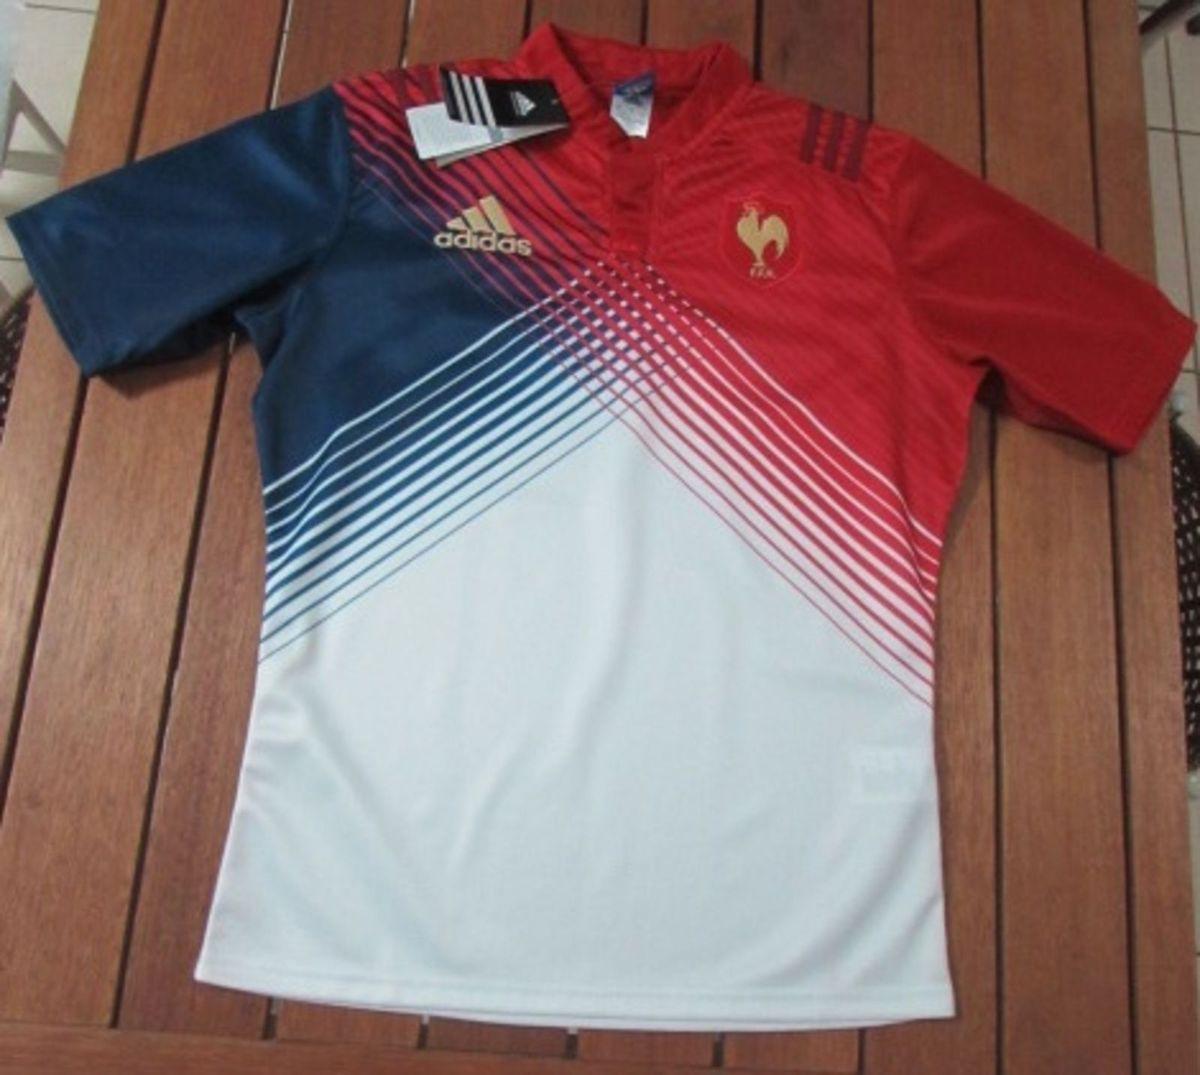 7ed260ff50 camisa rugby seleção frança - esportes adidas.  Czm6ly9wag90b3muzw5qb2vplmnvbs5ici9wcm9kdwn0cy83mza4mjqylzbkyjcwmjjkngi5ndi1ndy0nmiyotq1zwqznja1ndjilmpwzw  ...